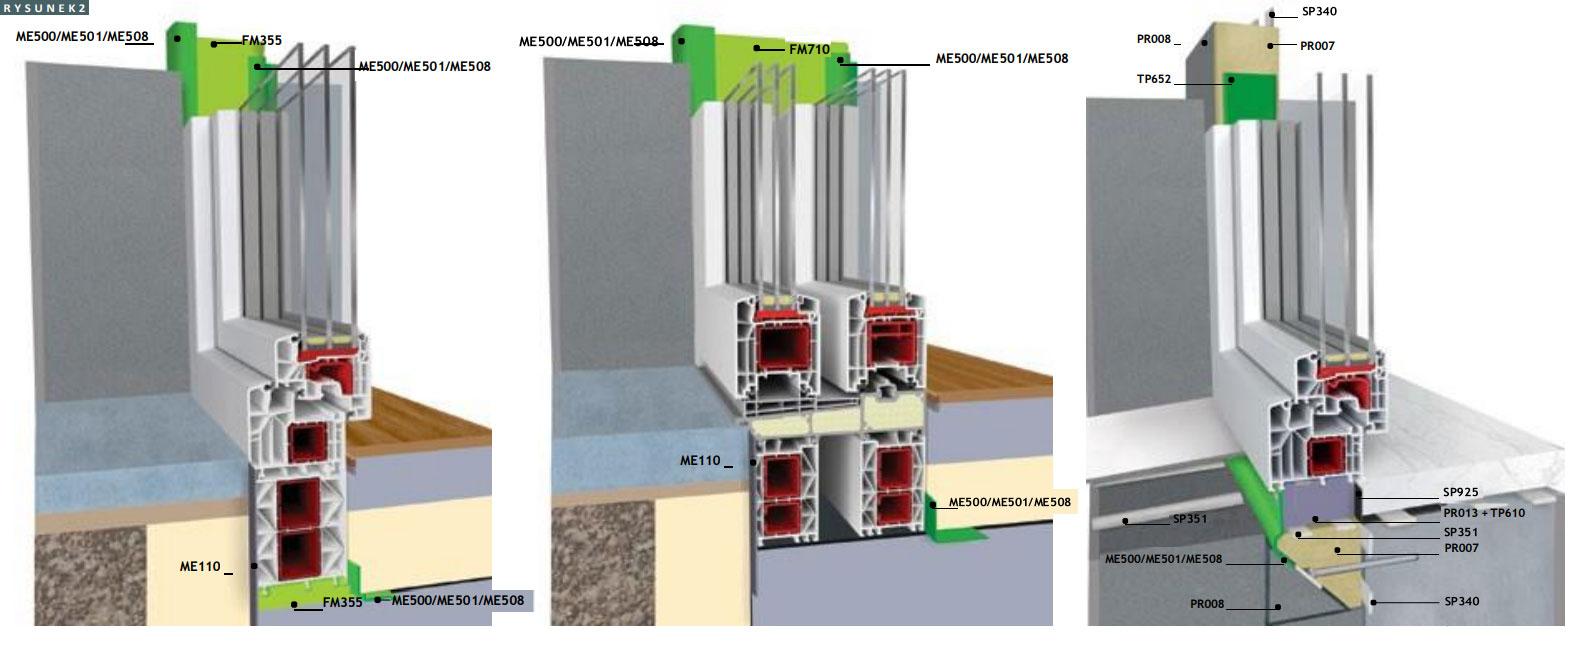 Przykładowe rozwiązanie montażu warstwowego dla różnych konstrukcji okiennych w płaszczyźnie muru oraz warstwie izolacji